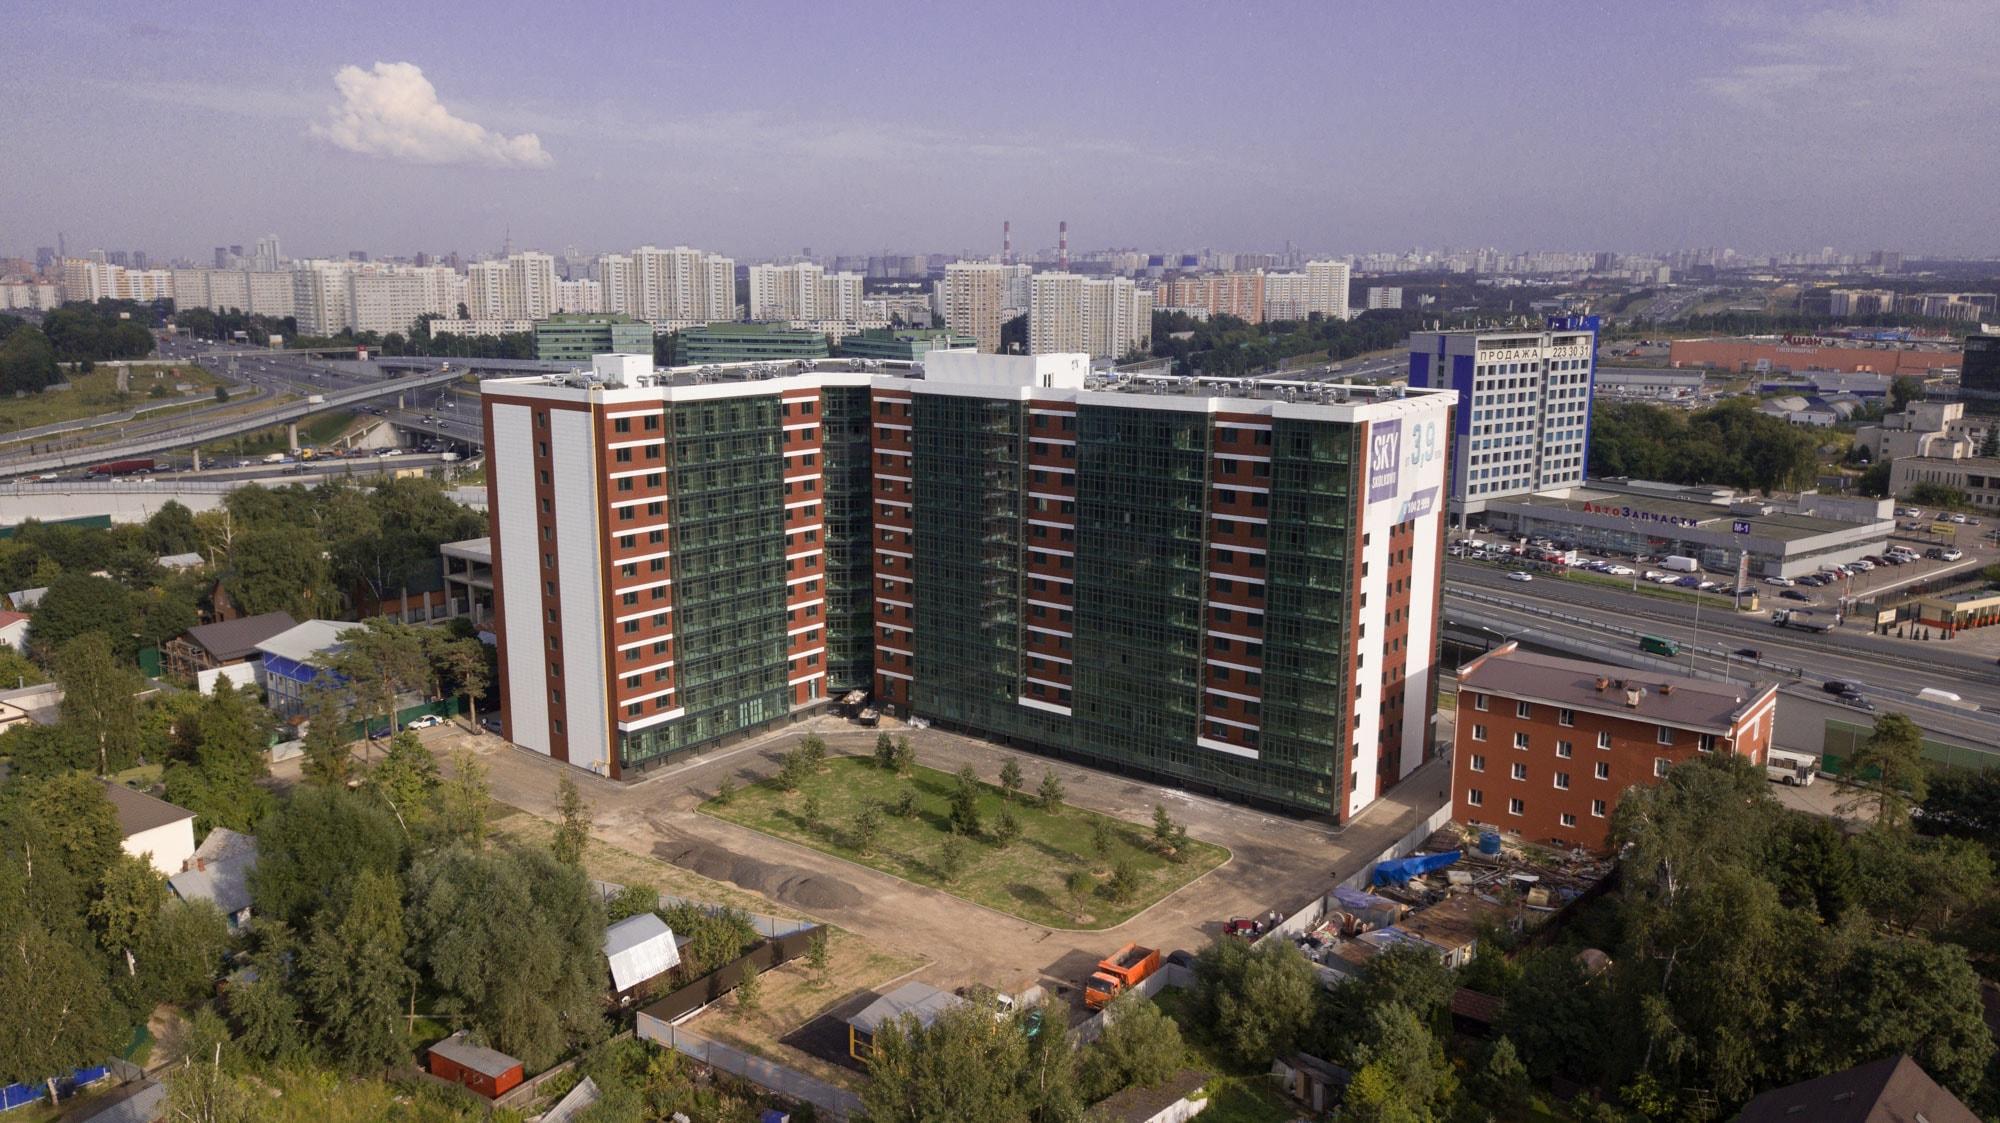 """Апартаменты """"Sky Skolkovo»"""" (Скай Сколково) от Строительная компания «СтройПрофиль-М» - планировки, цены"""